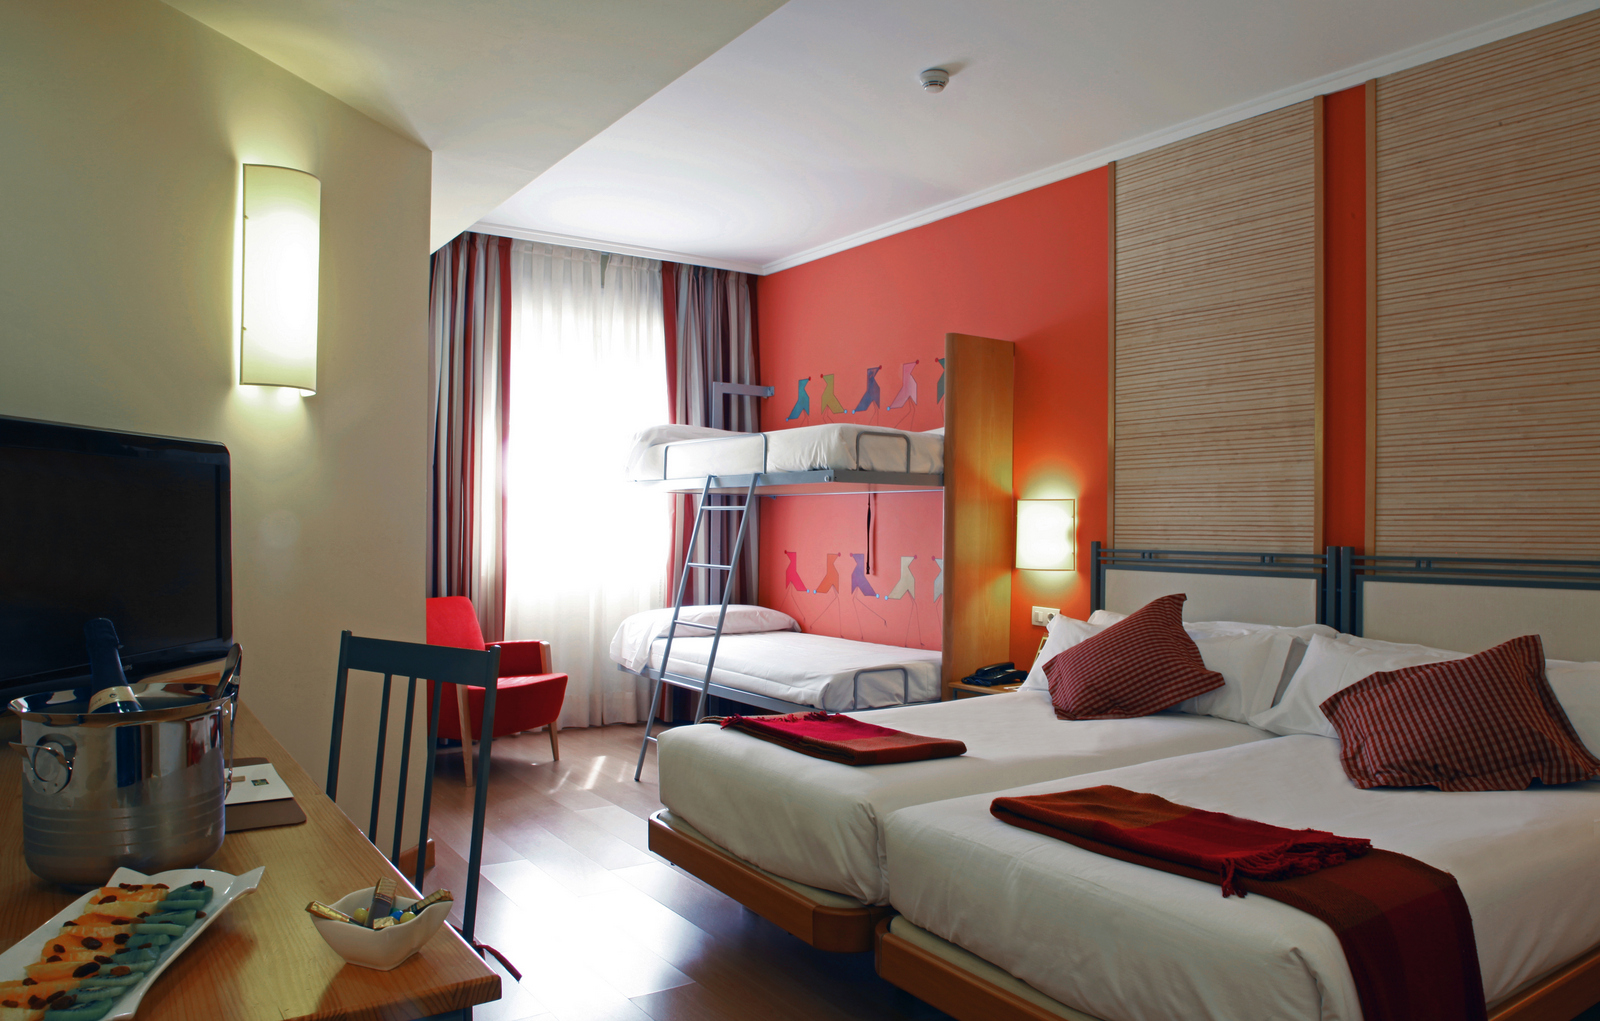 Los mejores hoteles para ir con niños - El blog de Querolets